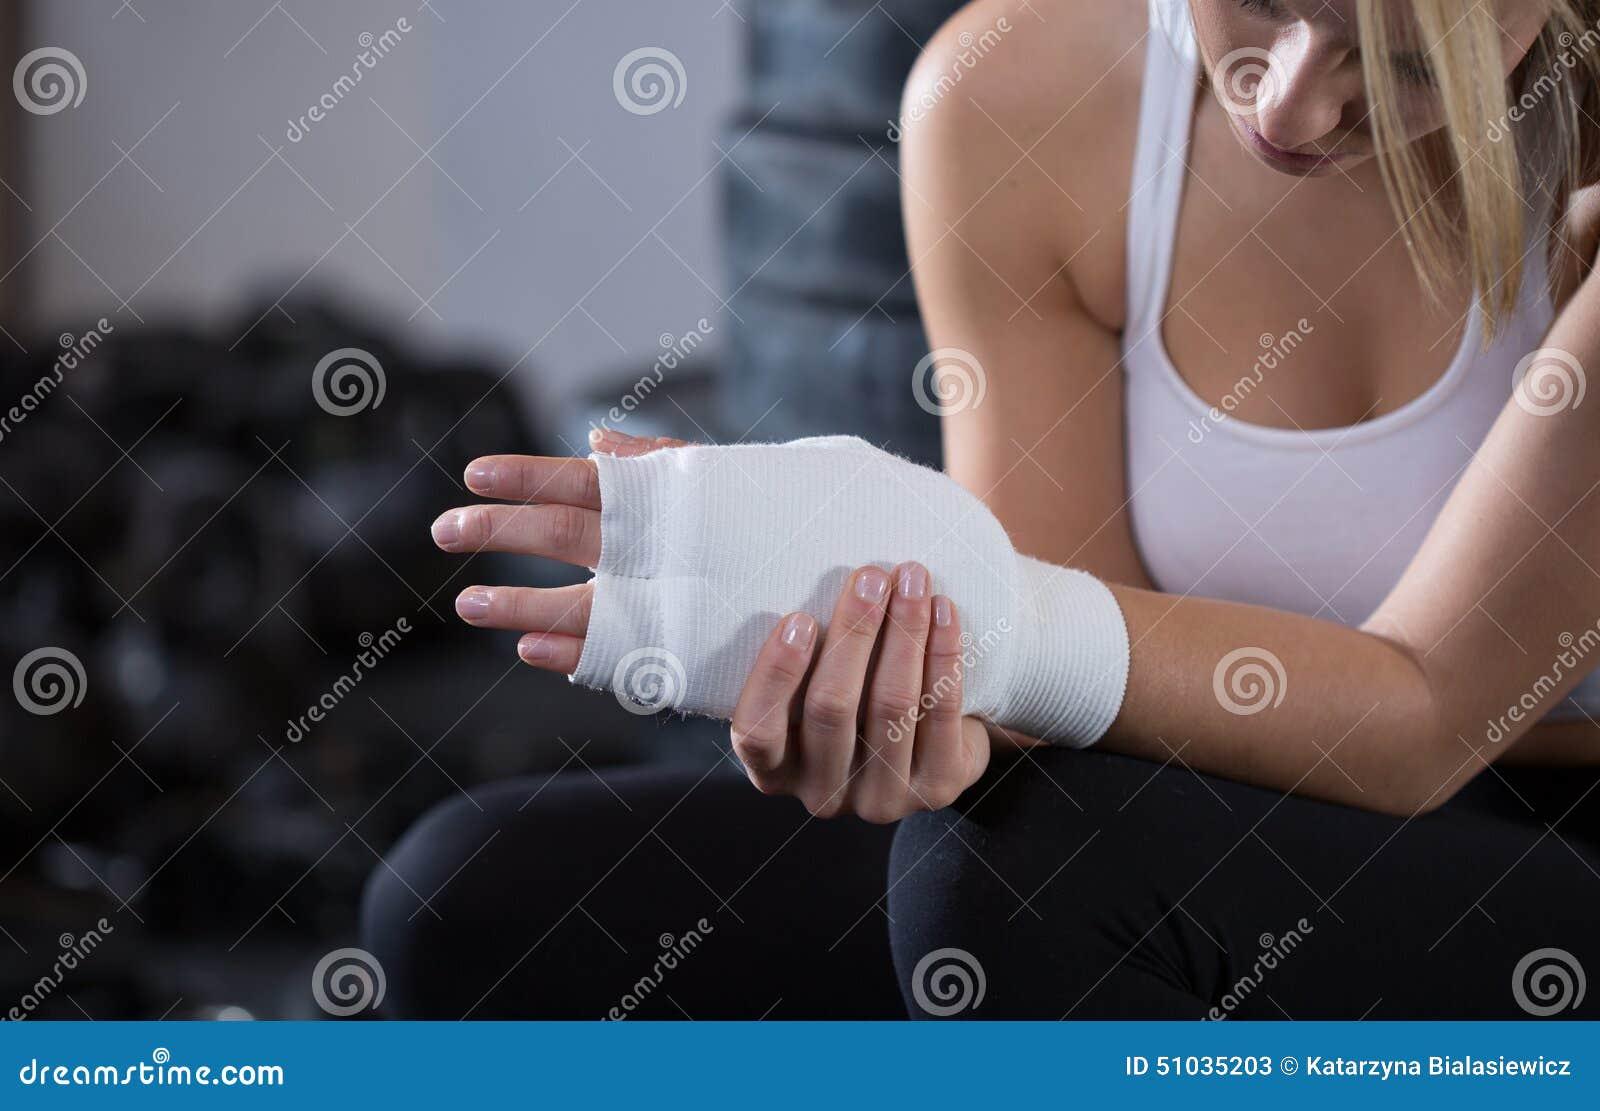 Donna con il polso danneggiato